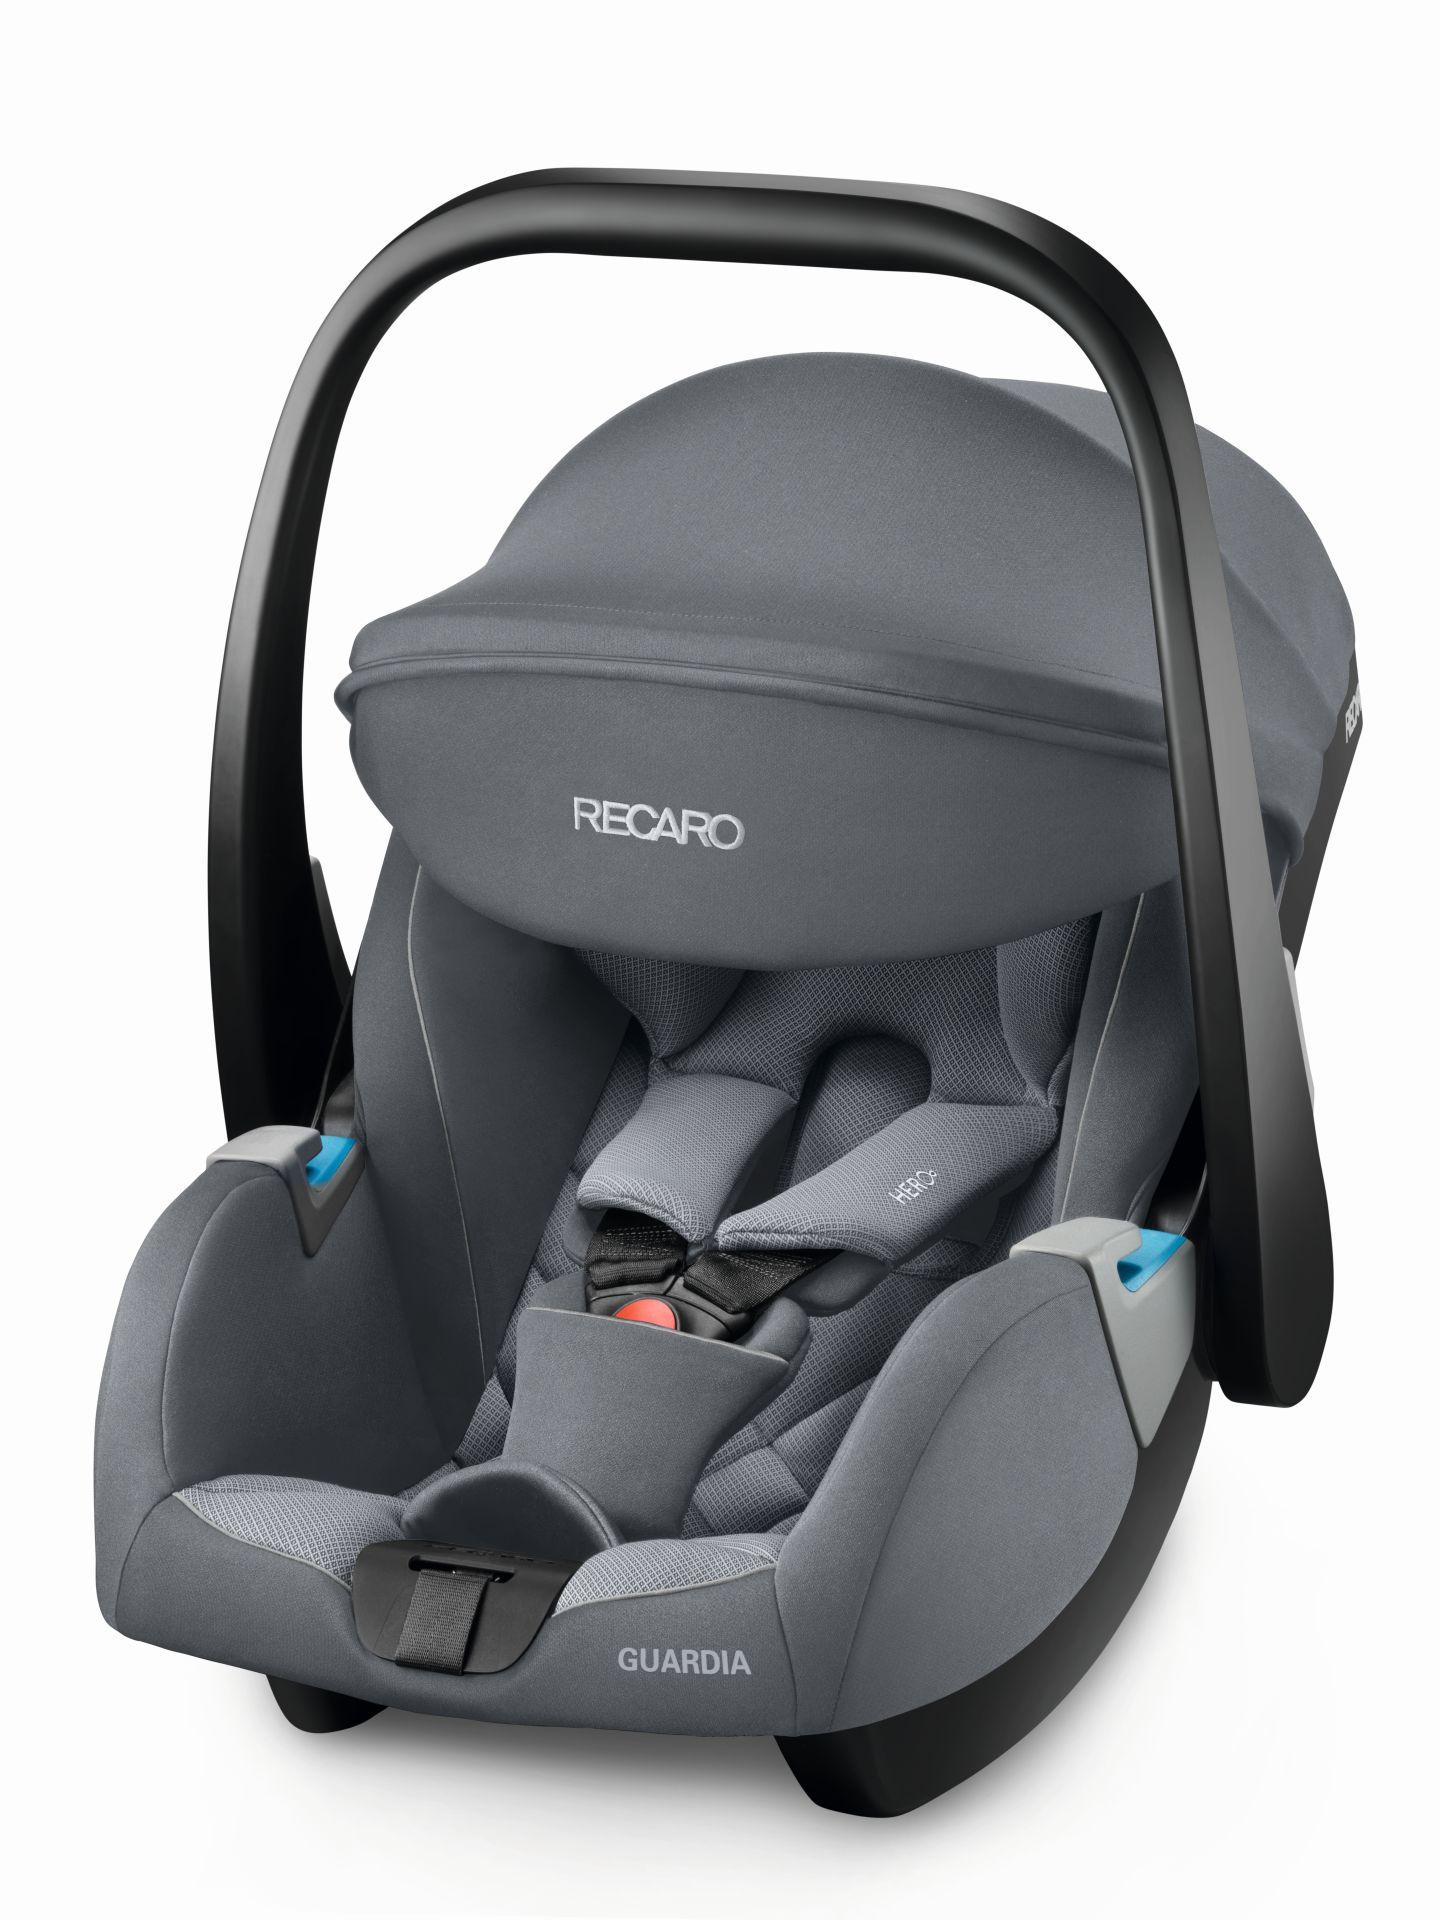 Recaro Infant Car Seat Guardia 2019 Aluminium Grey Buy At Kidsroom Car Seats